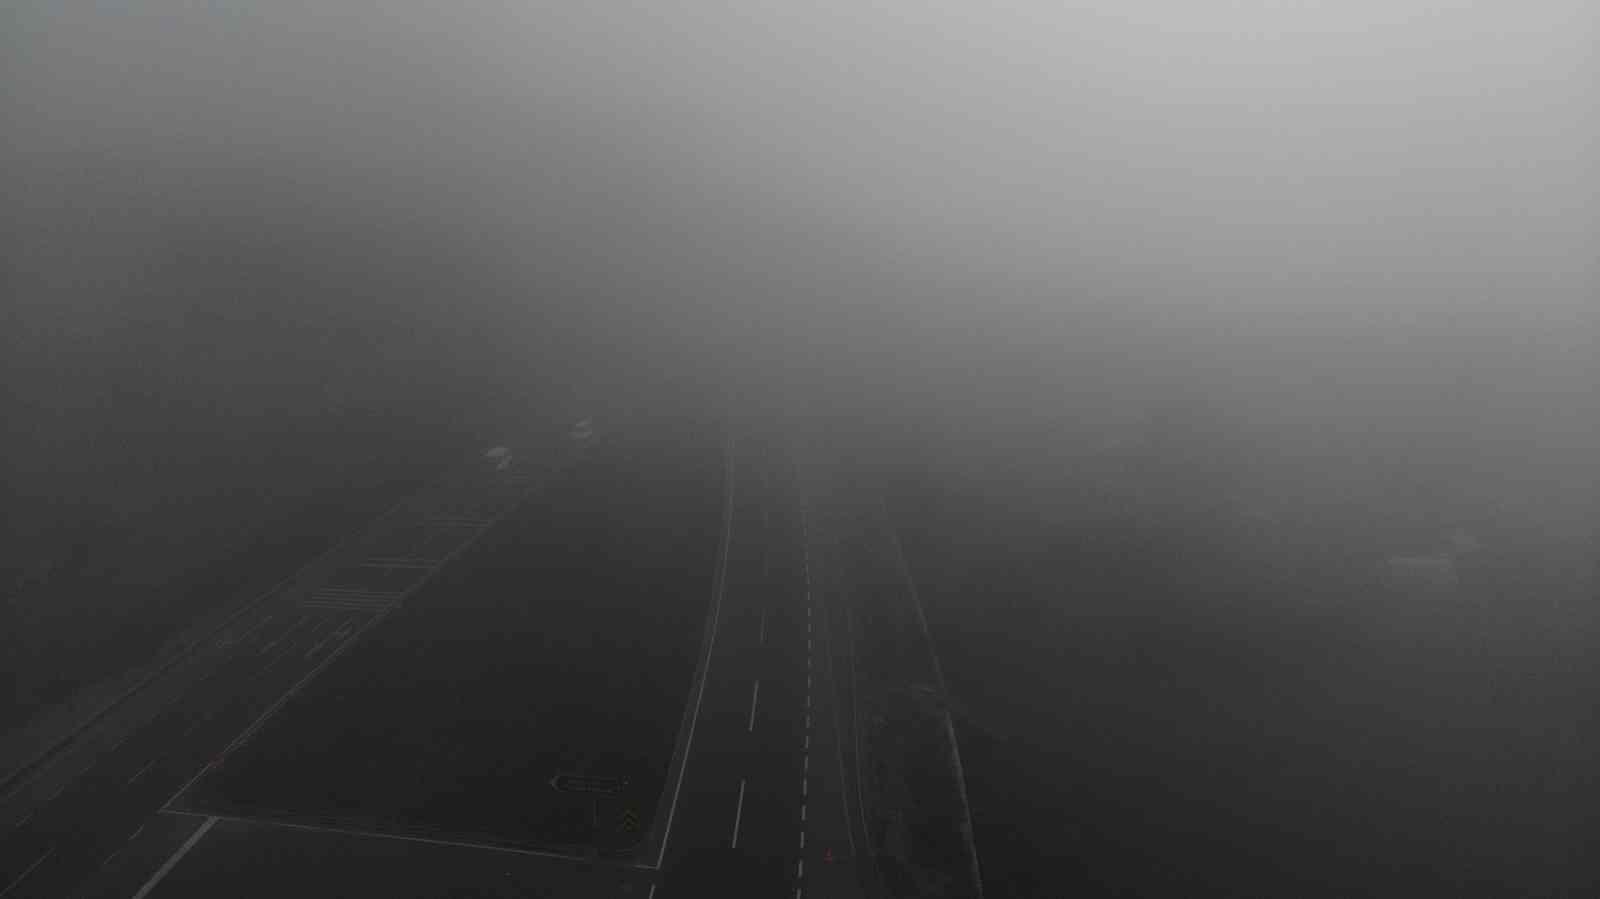 Bolu güne yoğun sisle uyandı